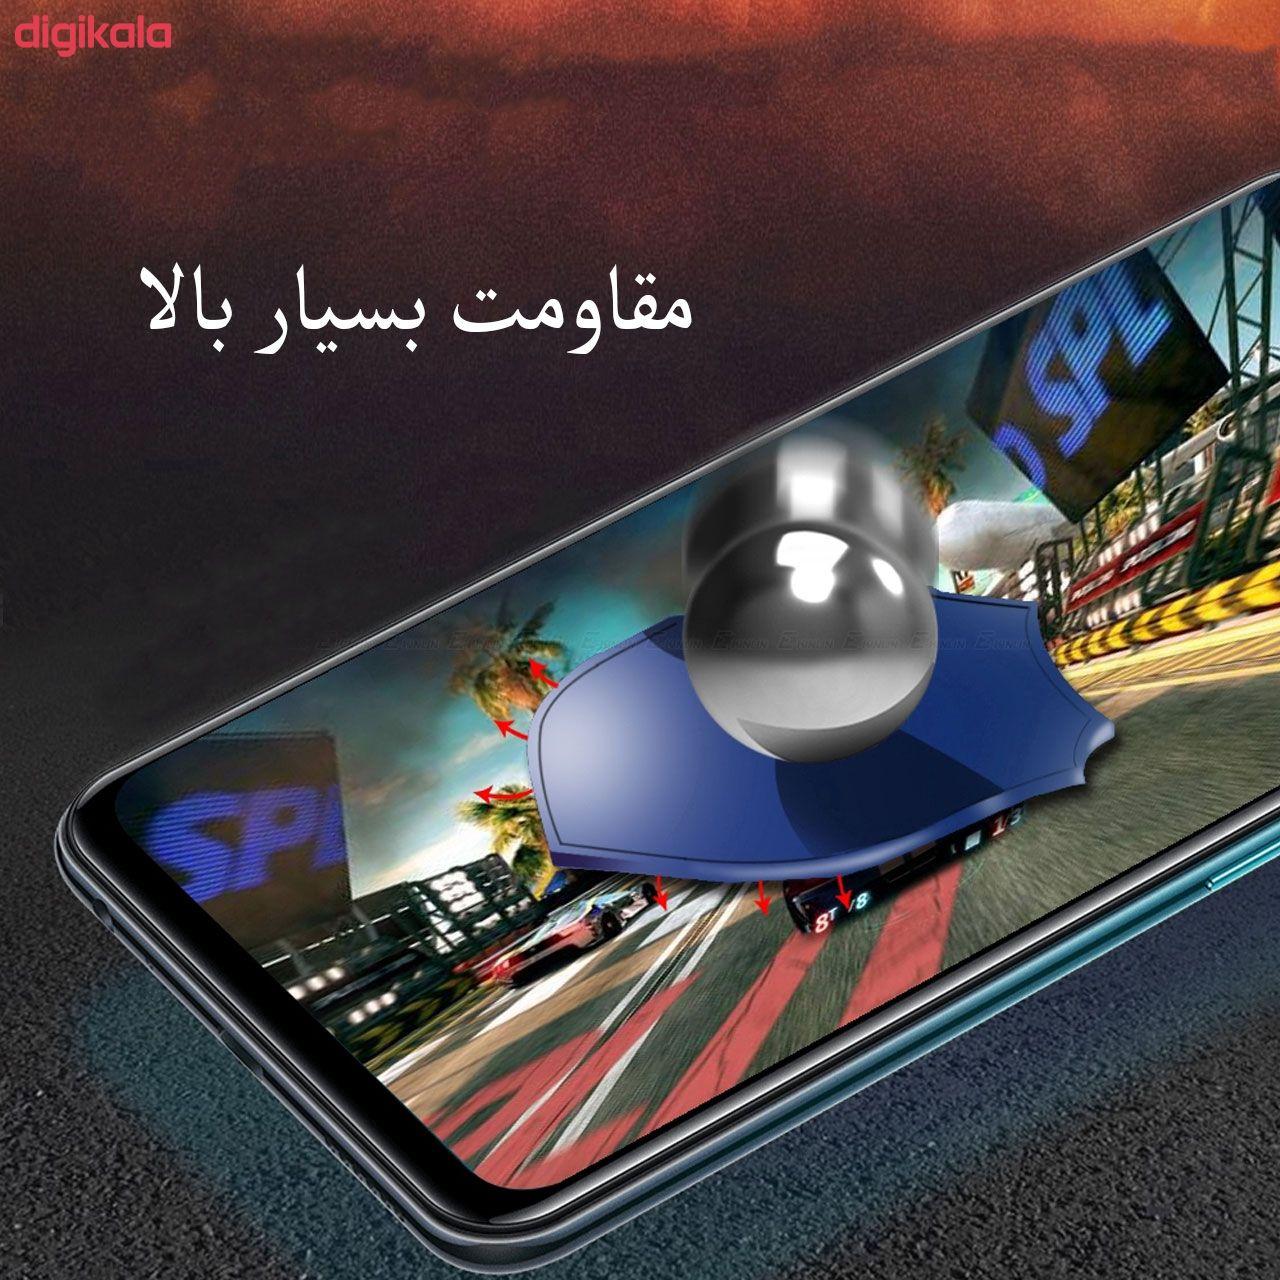 محافظ صفحه نمایش مدل FCG مناسب برای گوشی موبایل شیائومی Mi 10 Lite 5G main 1 8